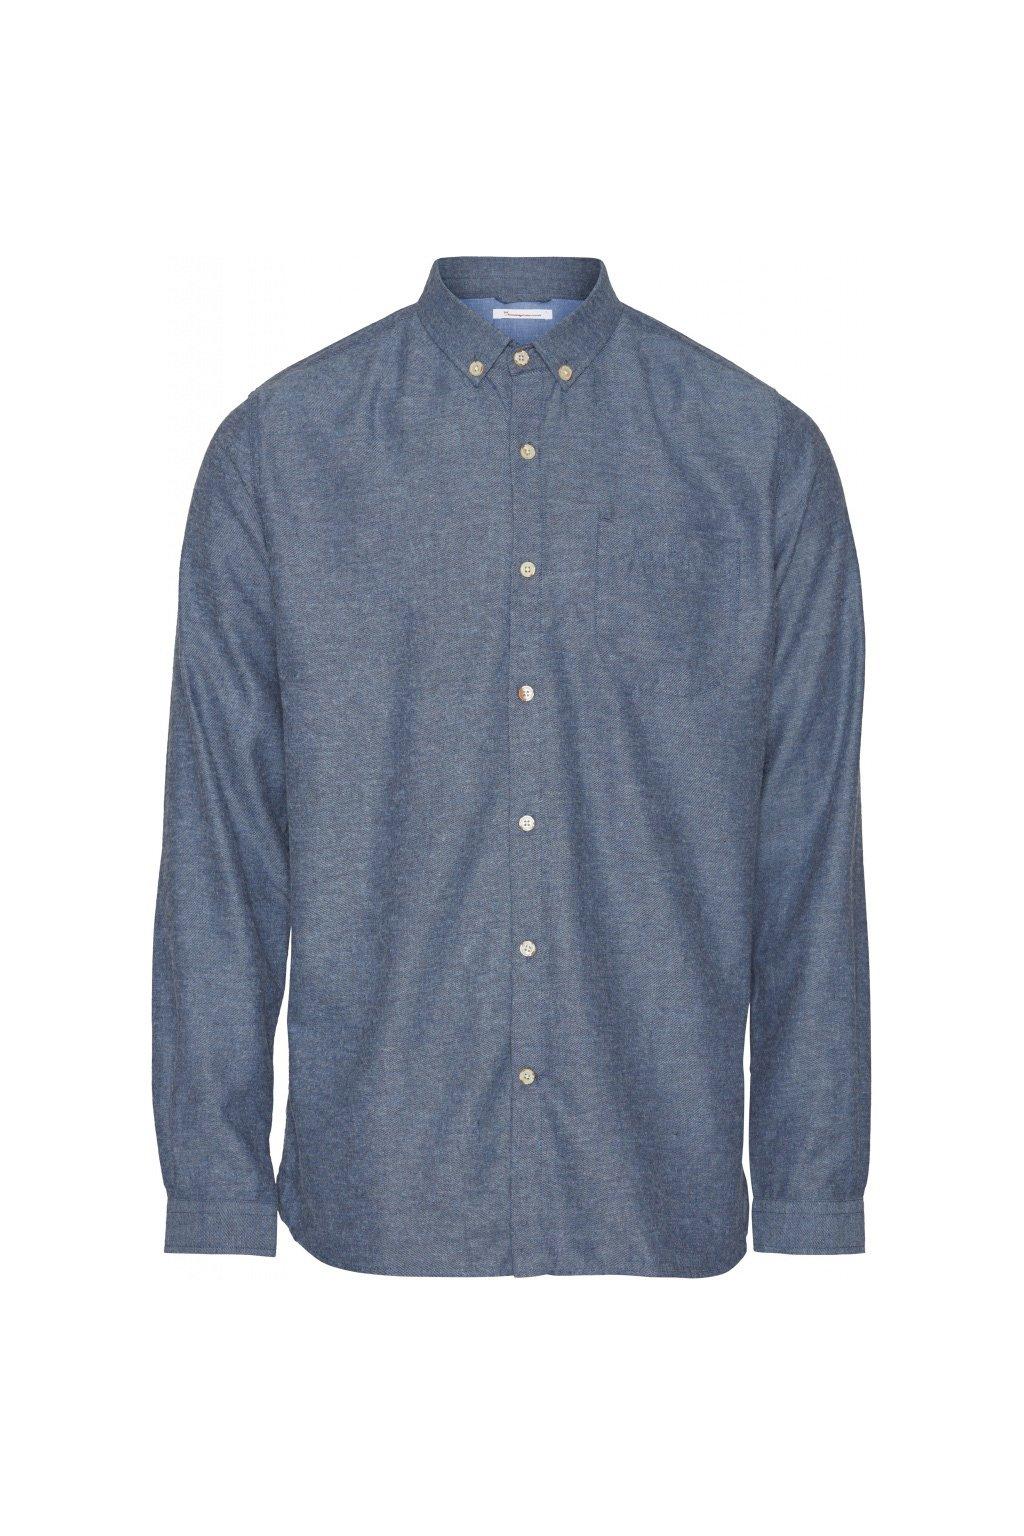 Hemd Melange Effect Flannel (mehrere Farben)